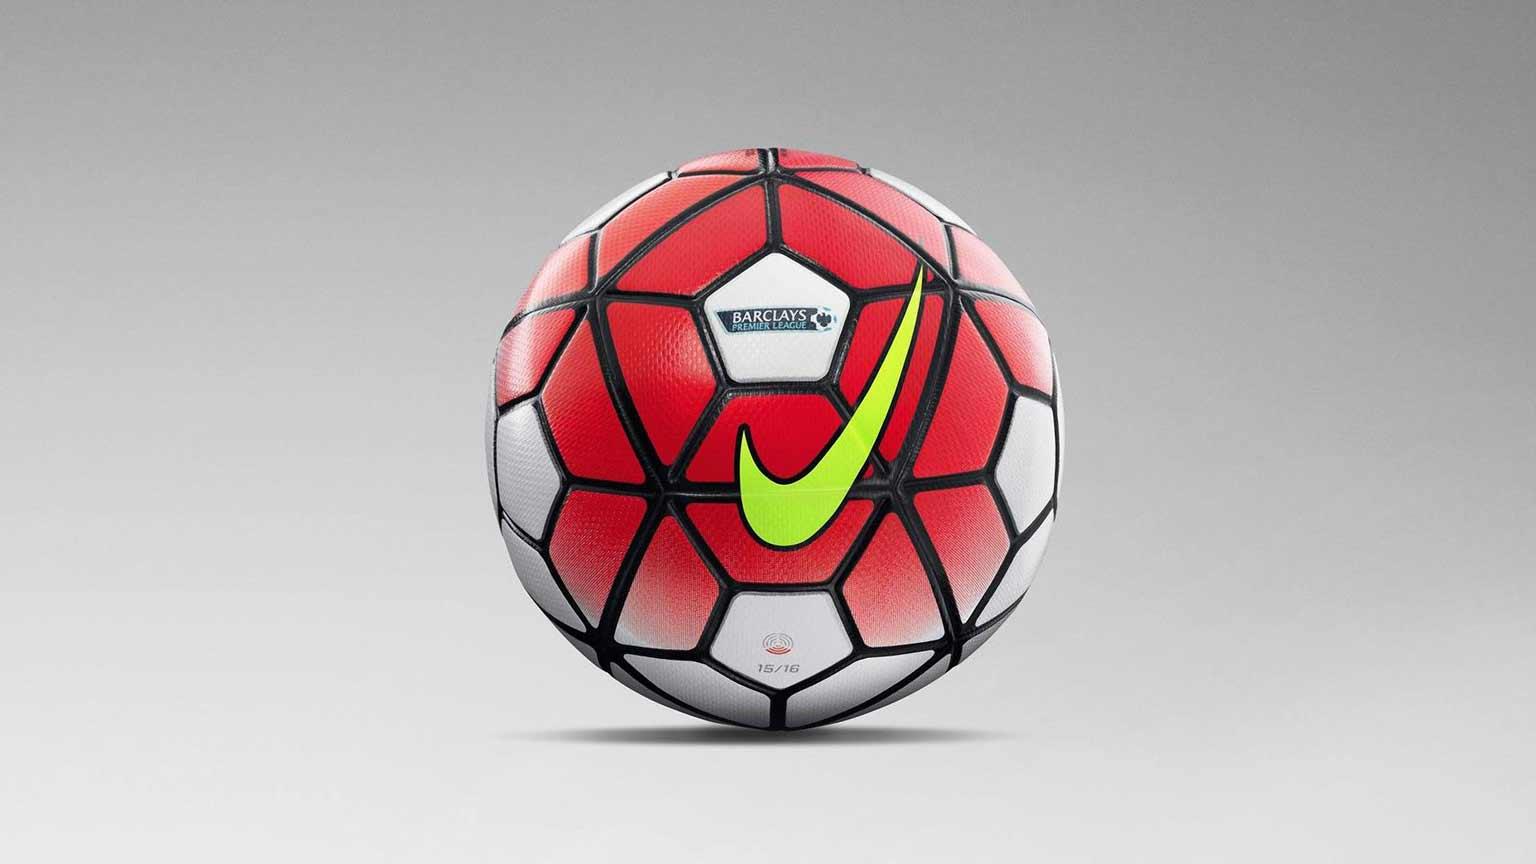 Официальный мяч Английской премьер Лиги сезона 2015-2016 — Nike Ordem 3